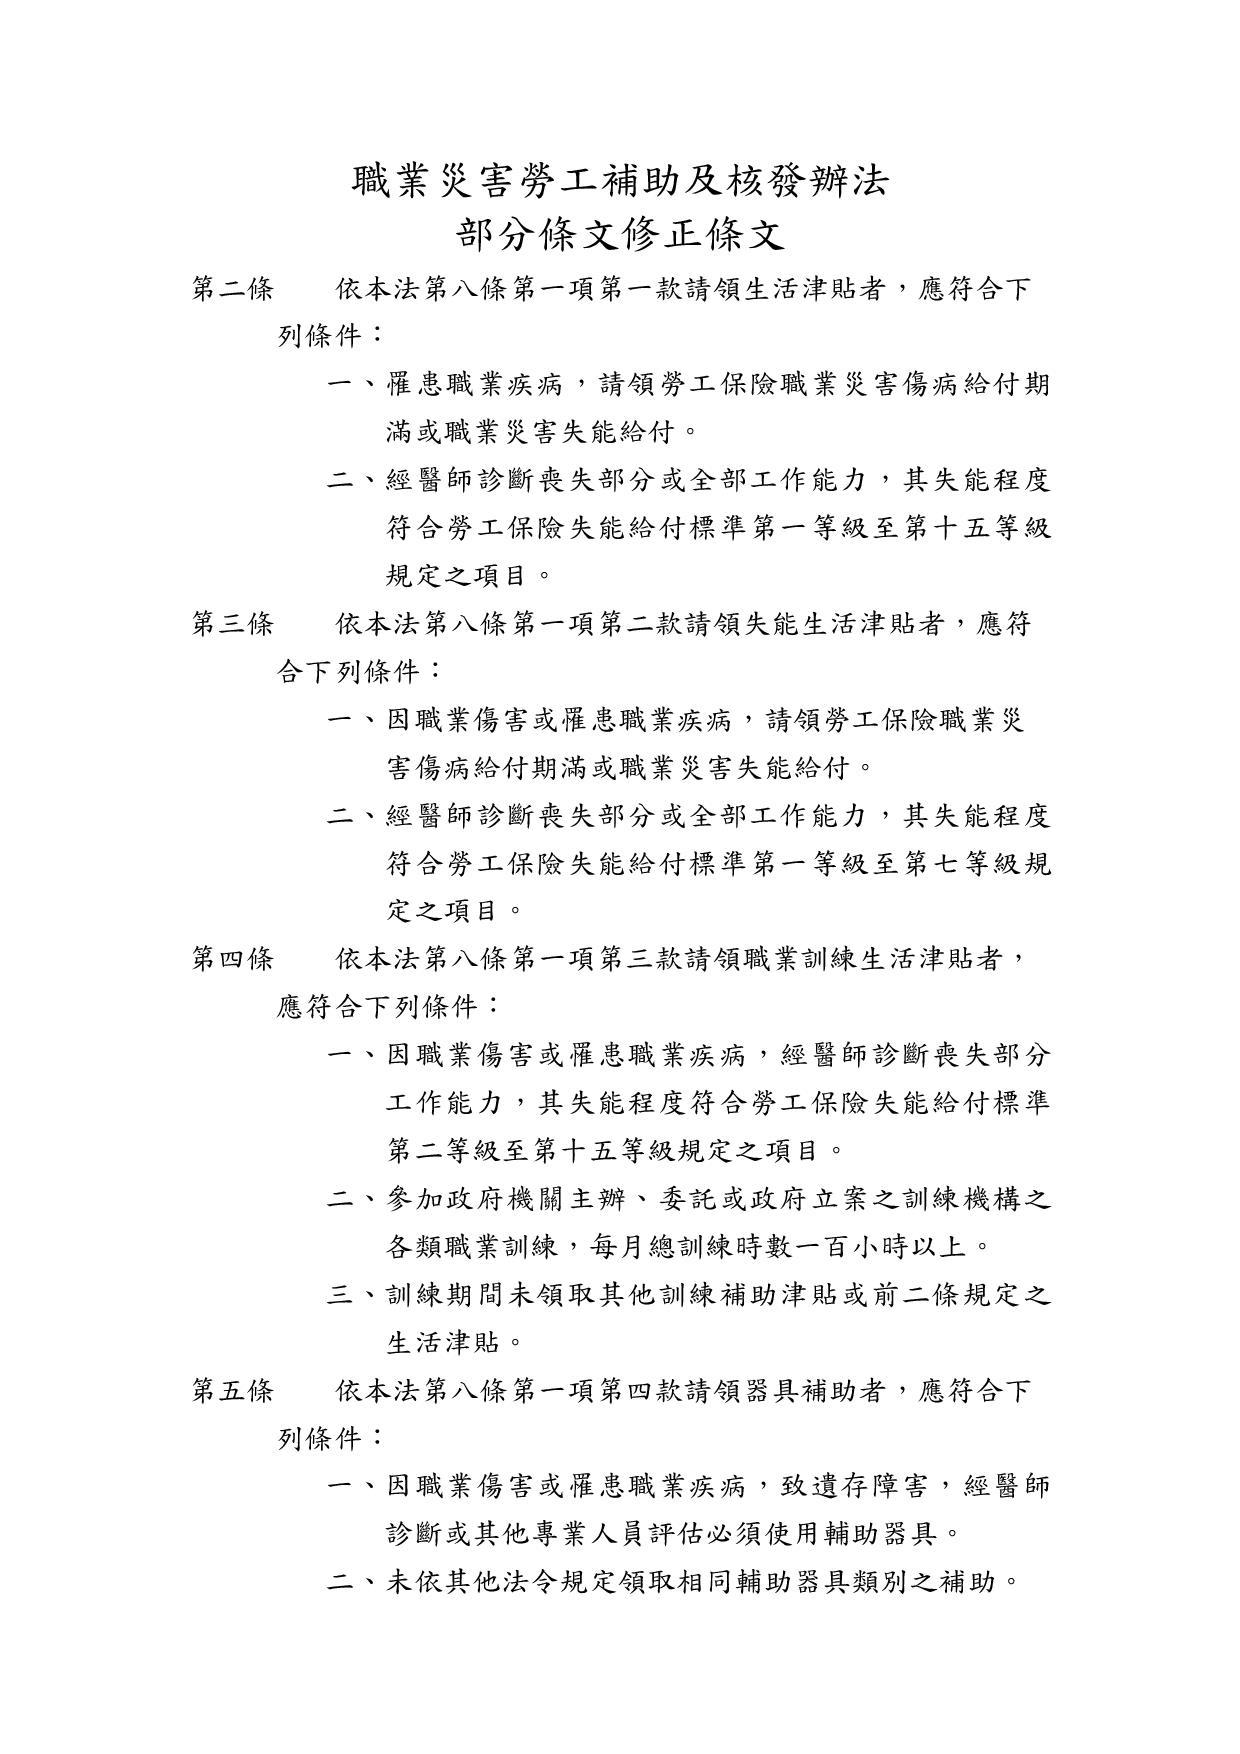 4修正發布職業災害勞工補助及核發辦法部分條文